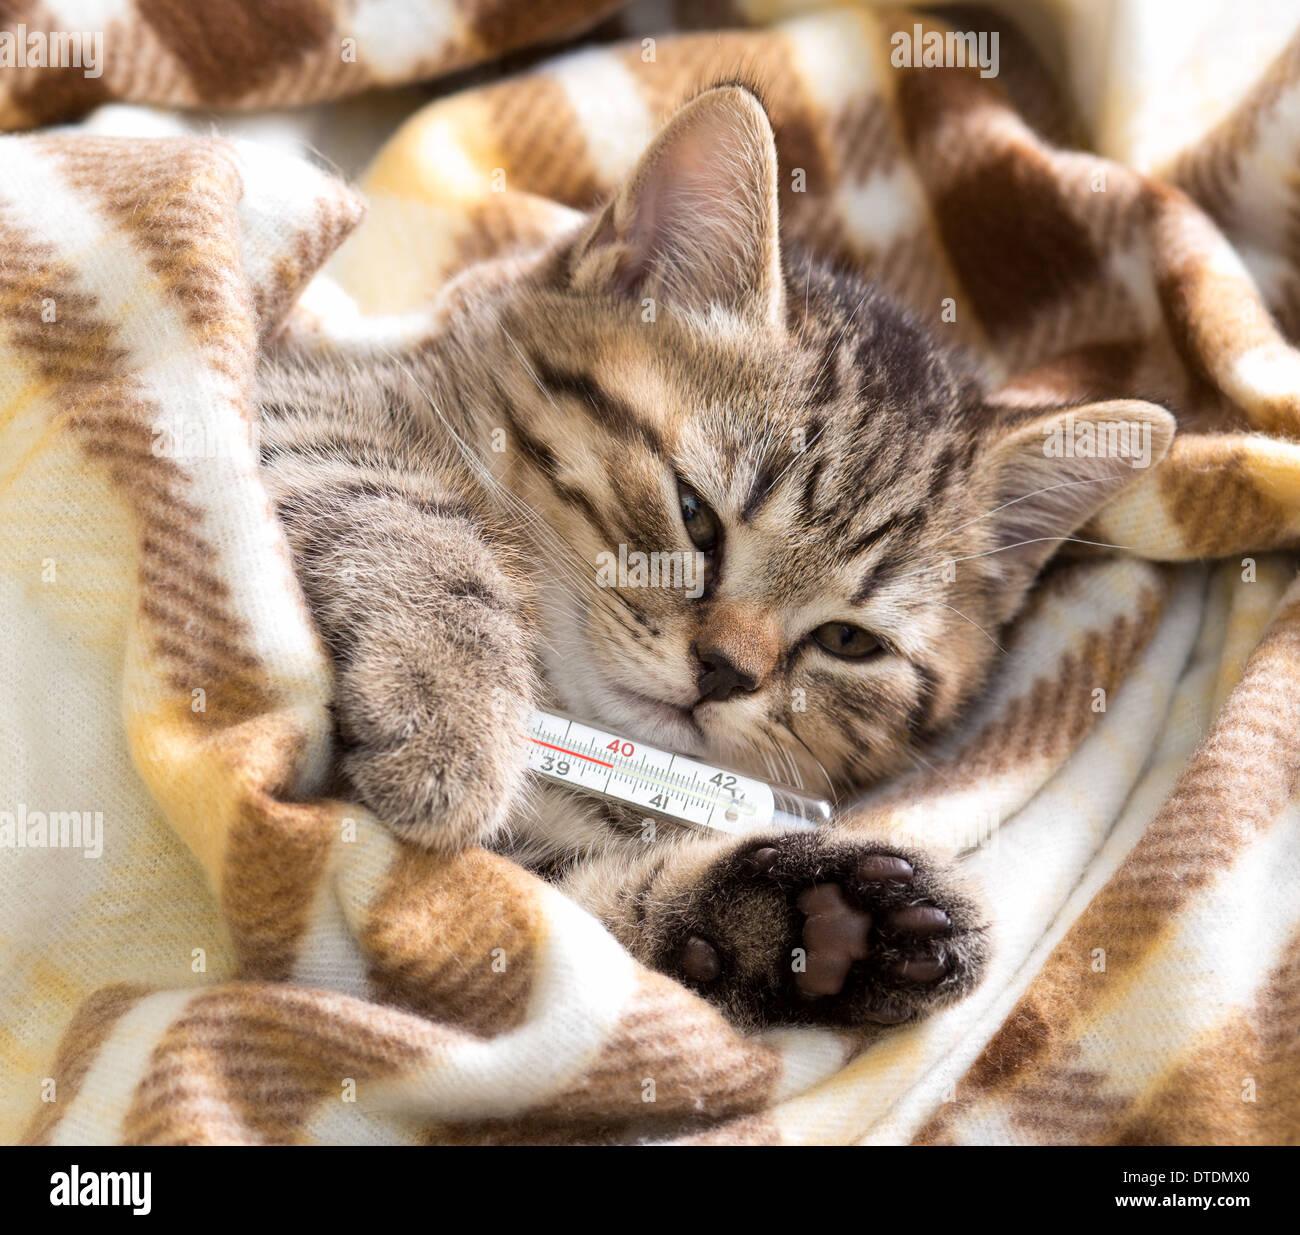 Kranken Kätzchen liegend mit hohen Temperaturen Stockbild